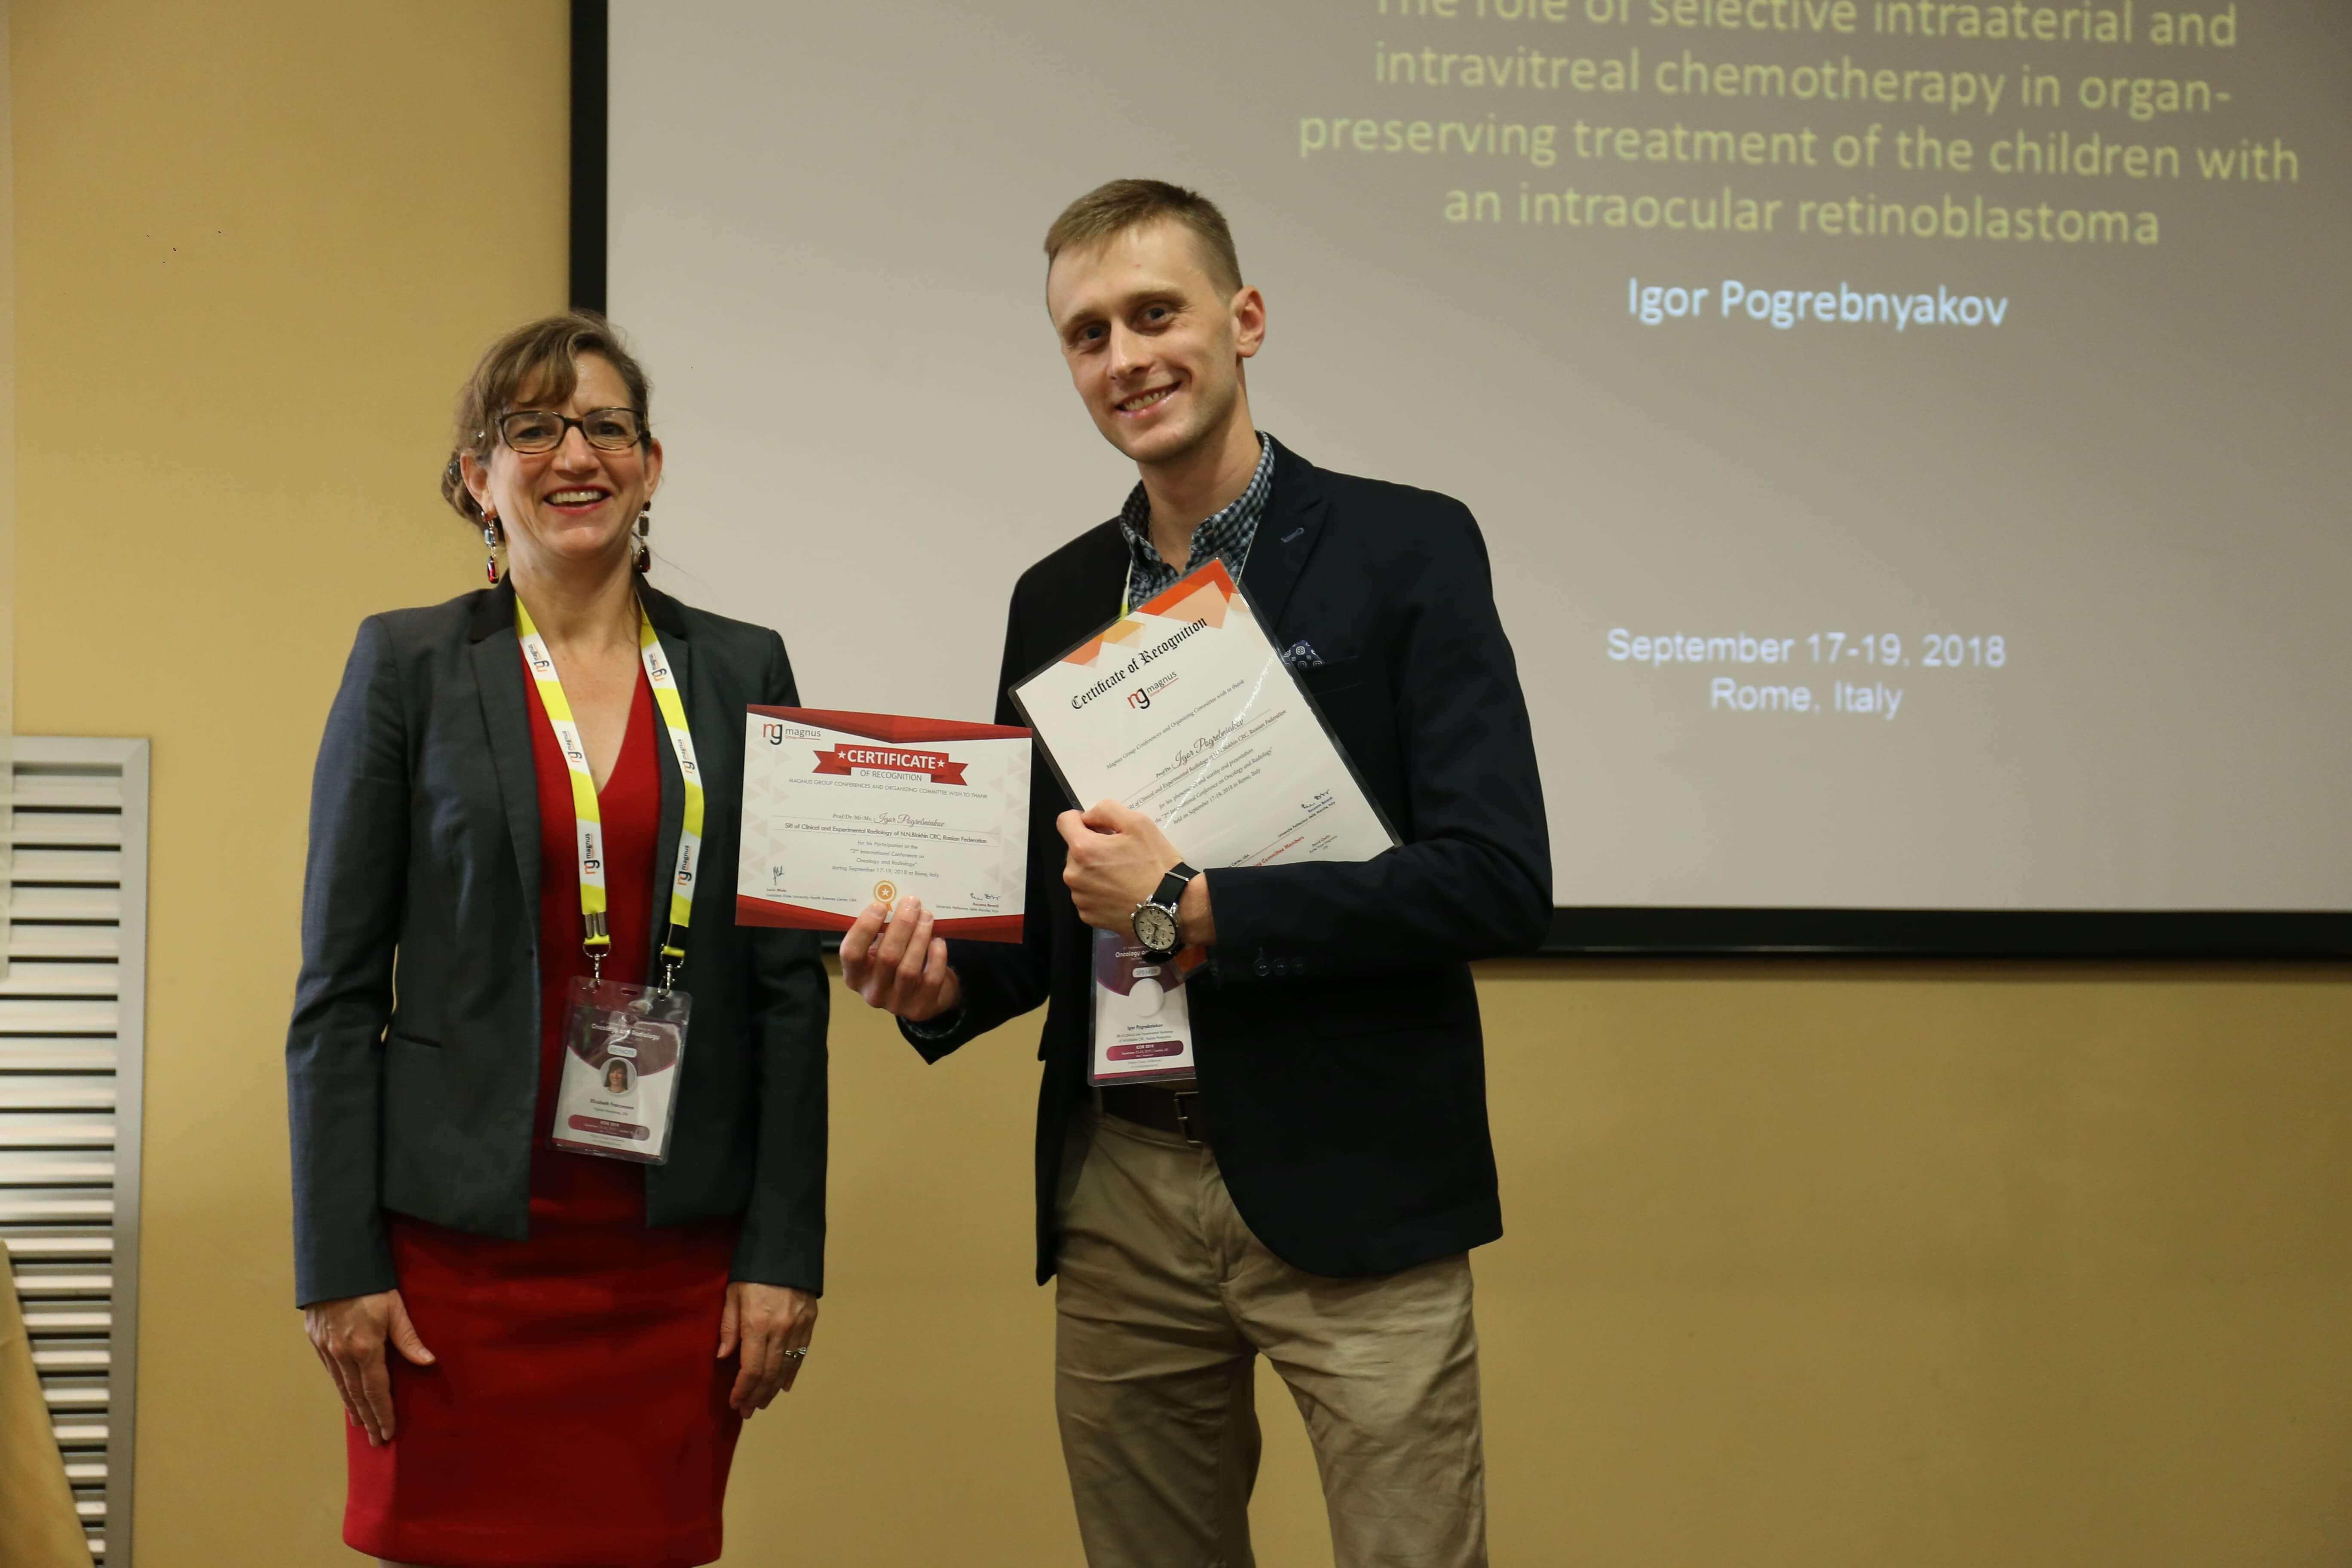 Cancer Conferences - Igor Pogrebniakov